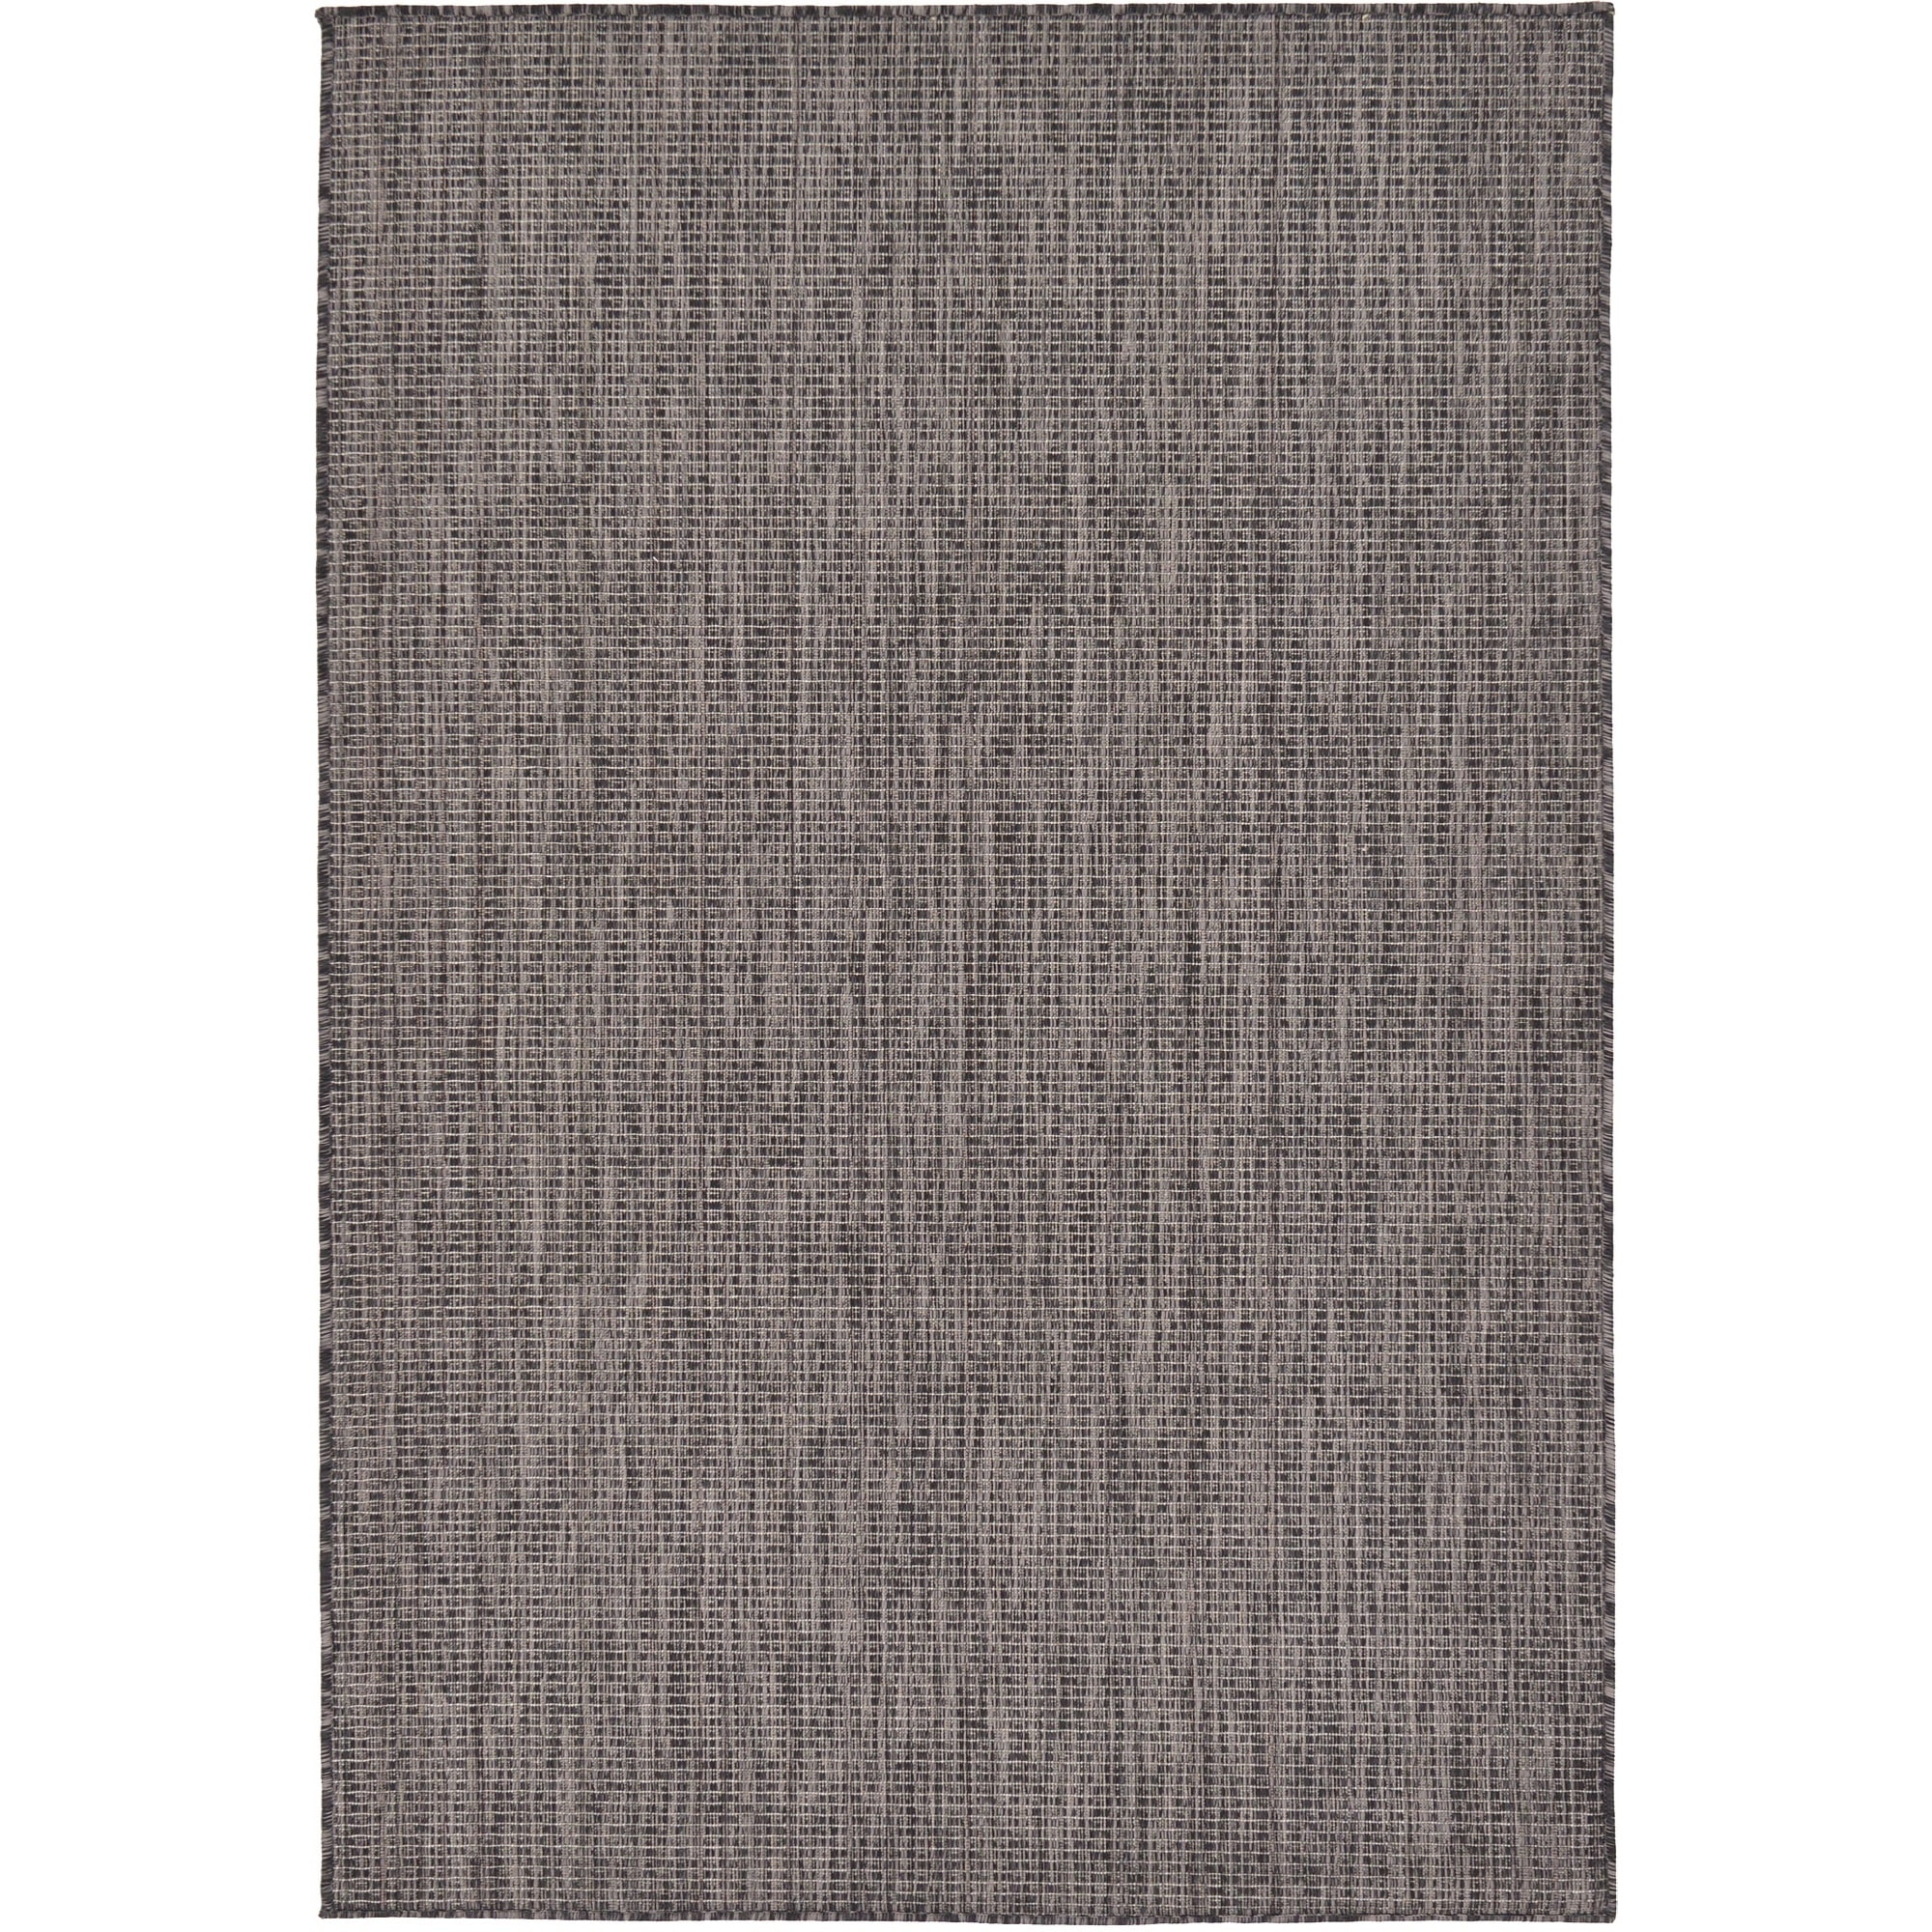 UNIQUE LOOM Black Polypropylene Outdoor Solid Rug (4' x 6')